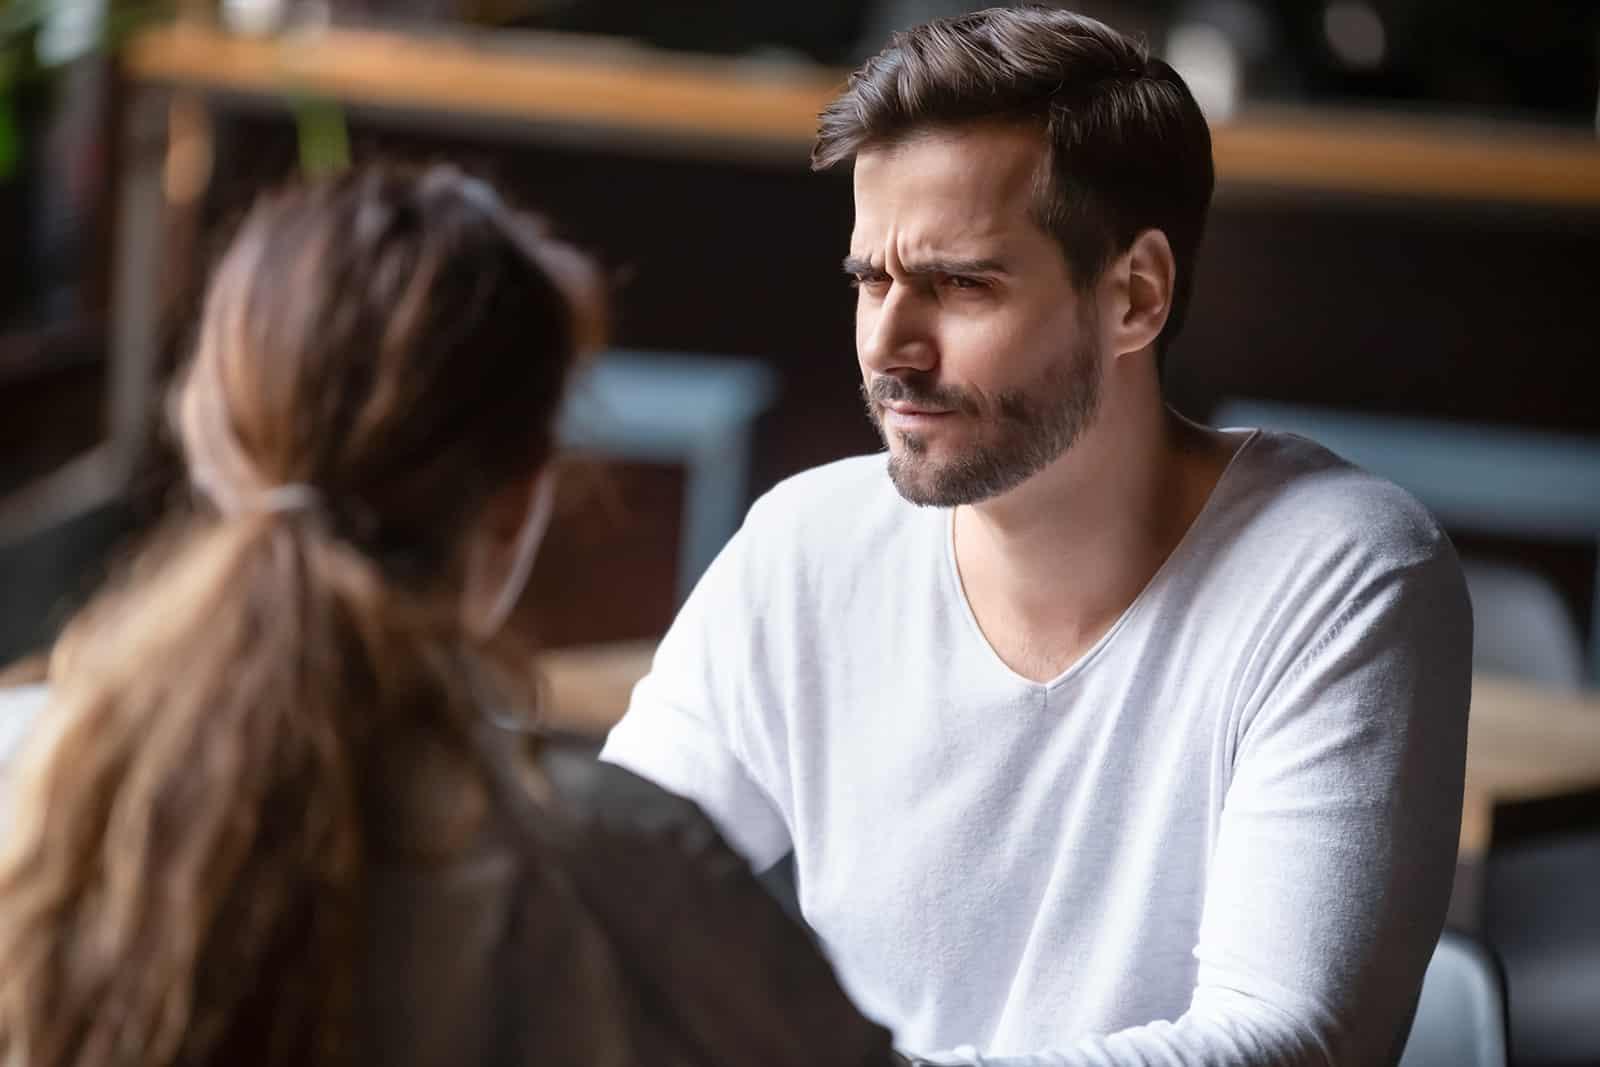 Ein Mann, der unbeholfen aussieht und während eines Dates mit einer Frau spricht